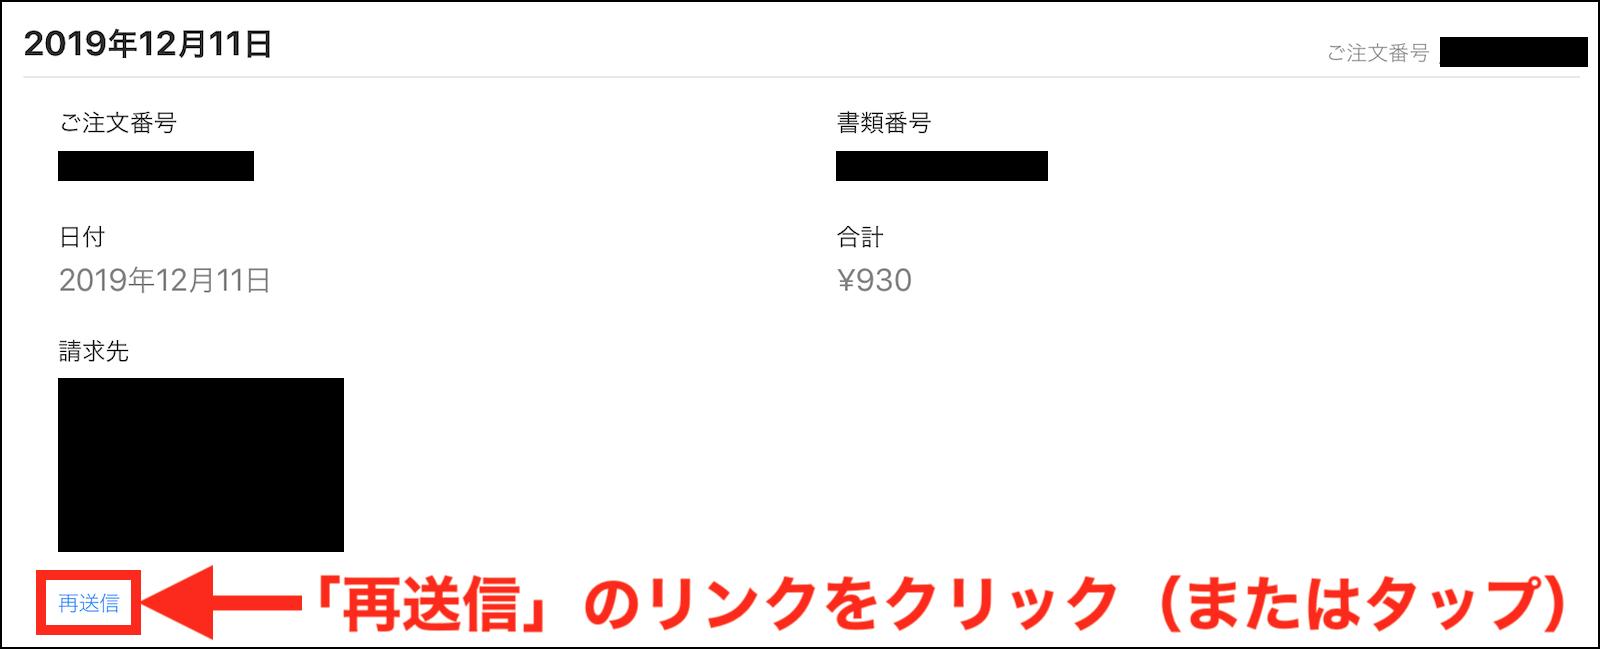 Apple 領収 書 領収書はどこの画面で見たらいいですか - Apple